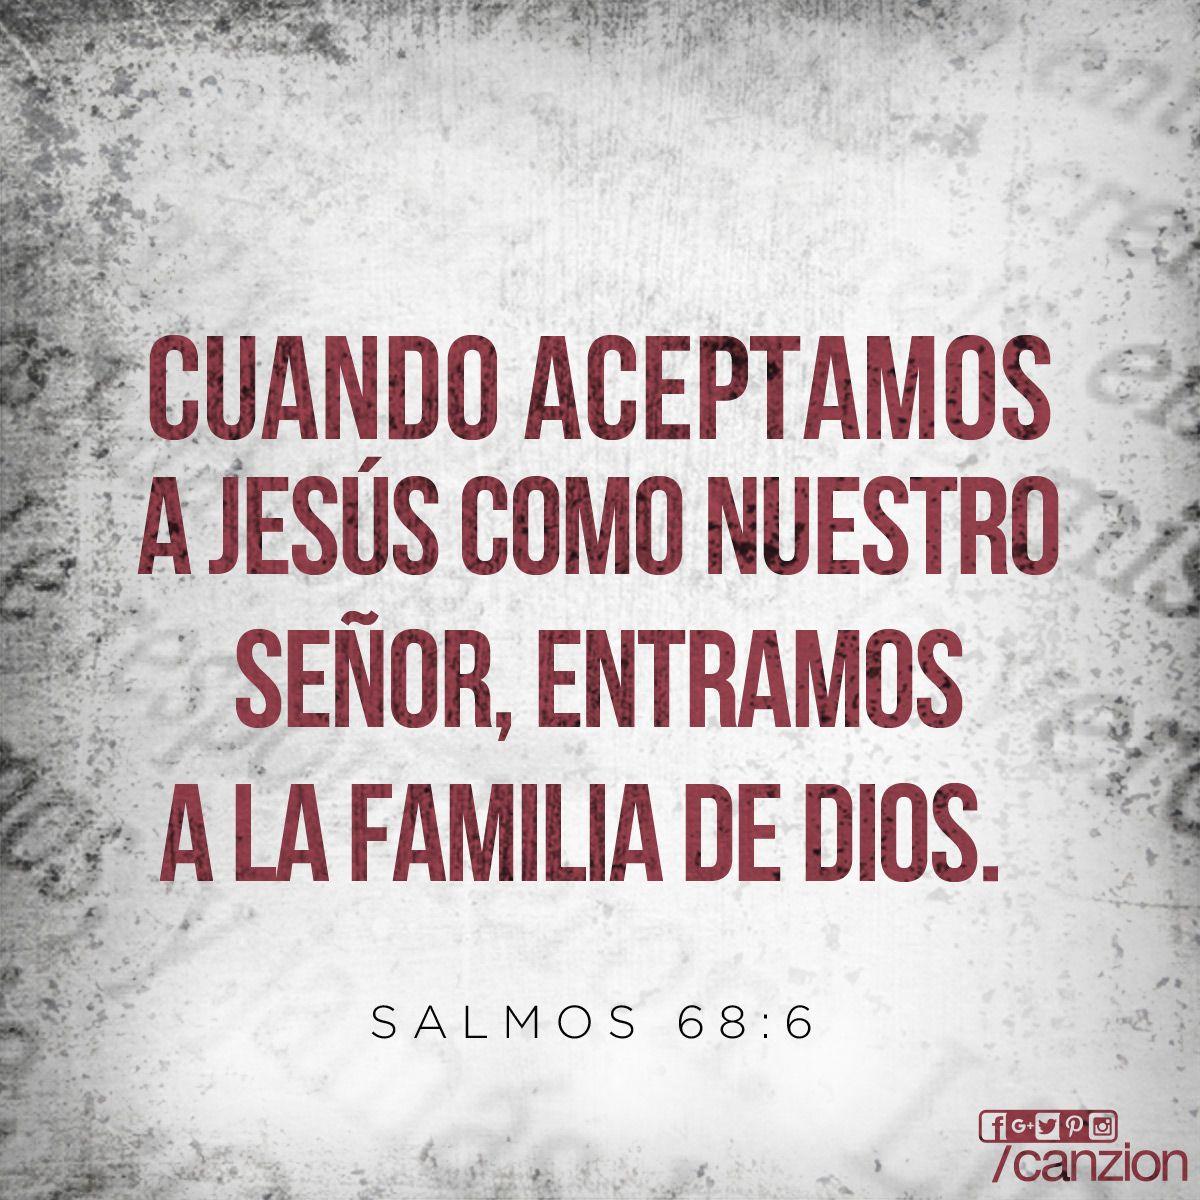 Dios ubica a los solitarios en familias pone en libertad a los prisioneros y